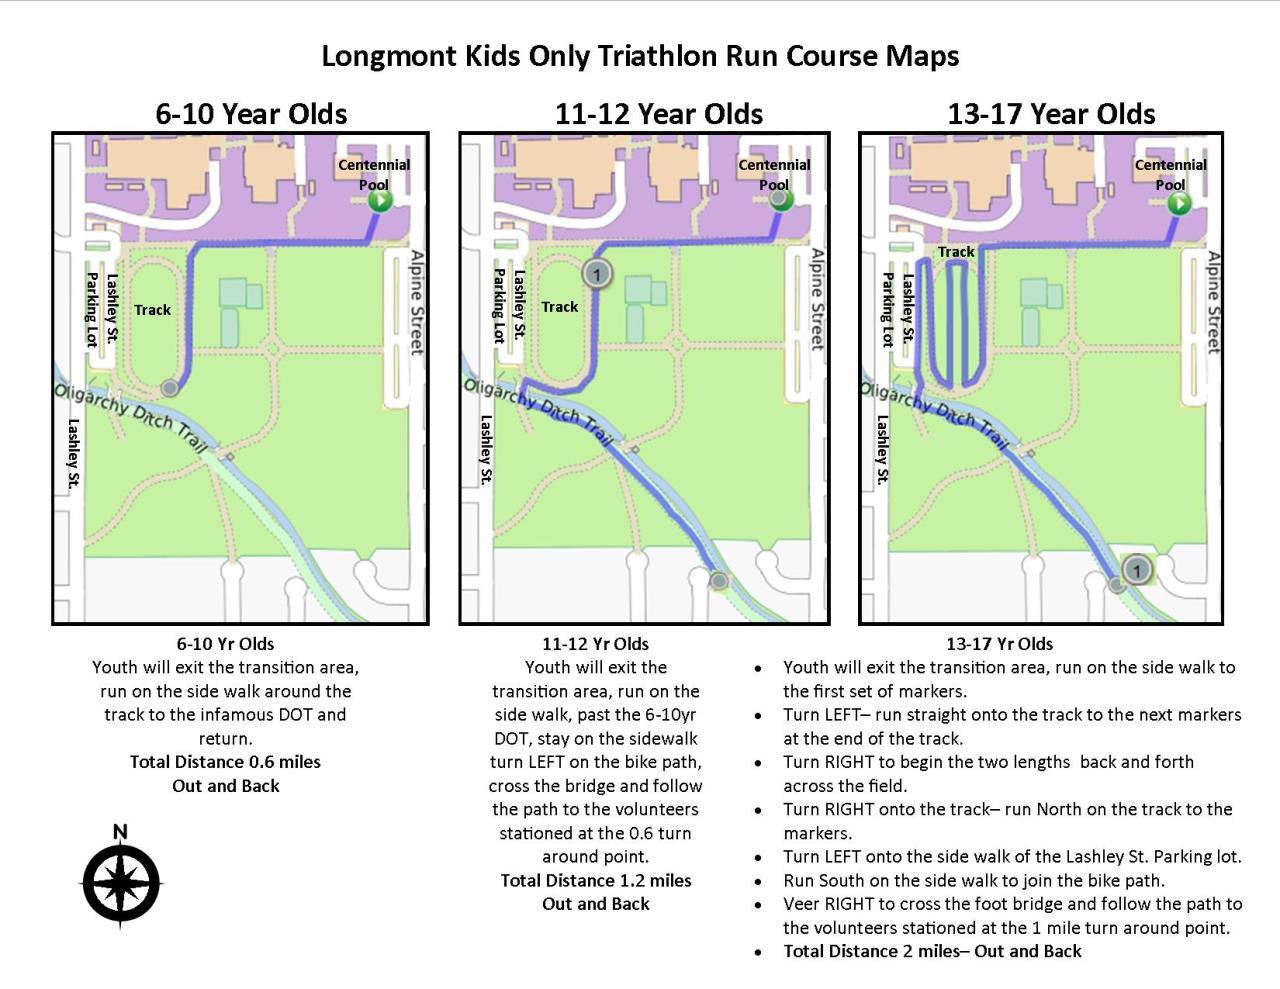 Kids Triathlon Run Course- Detailed